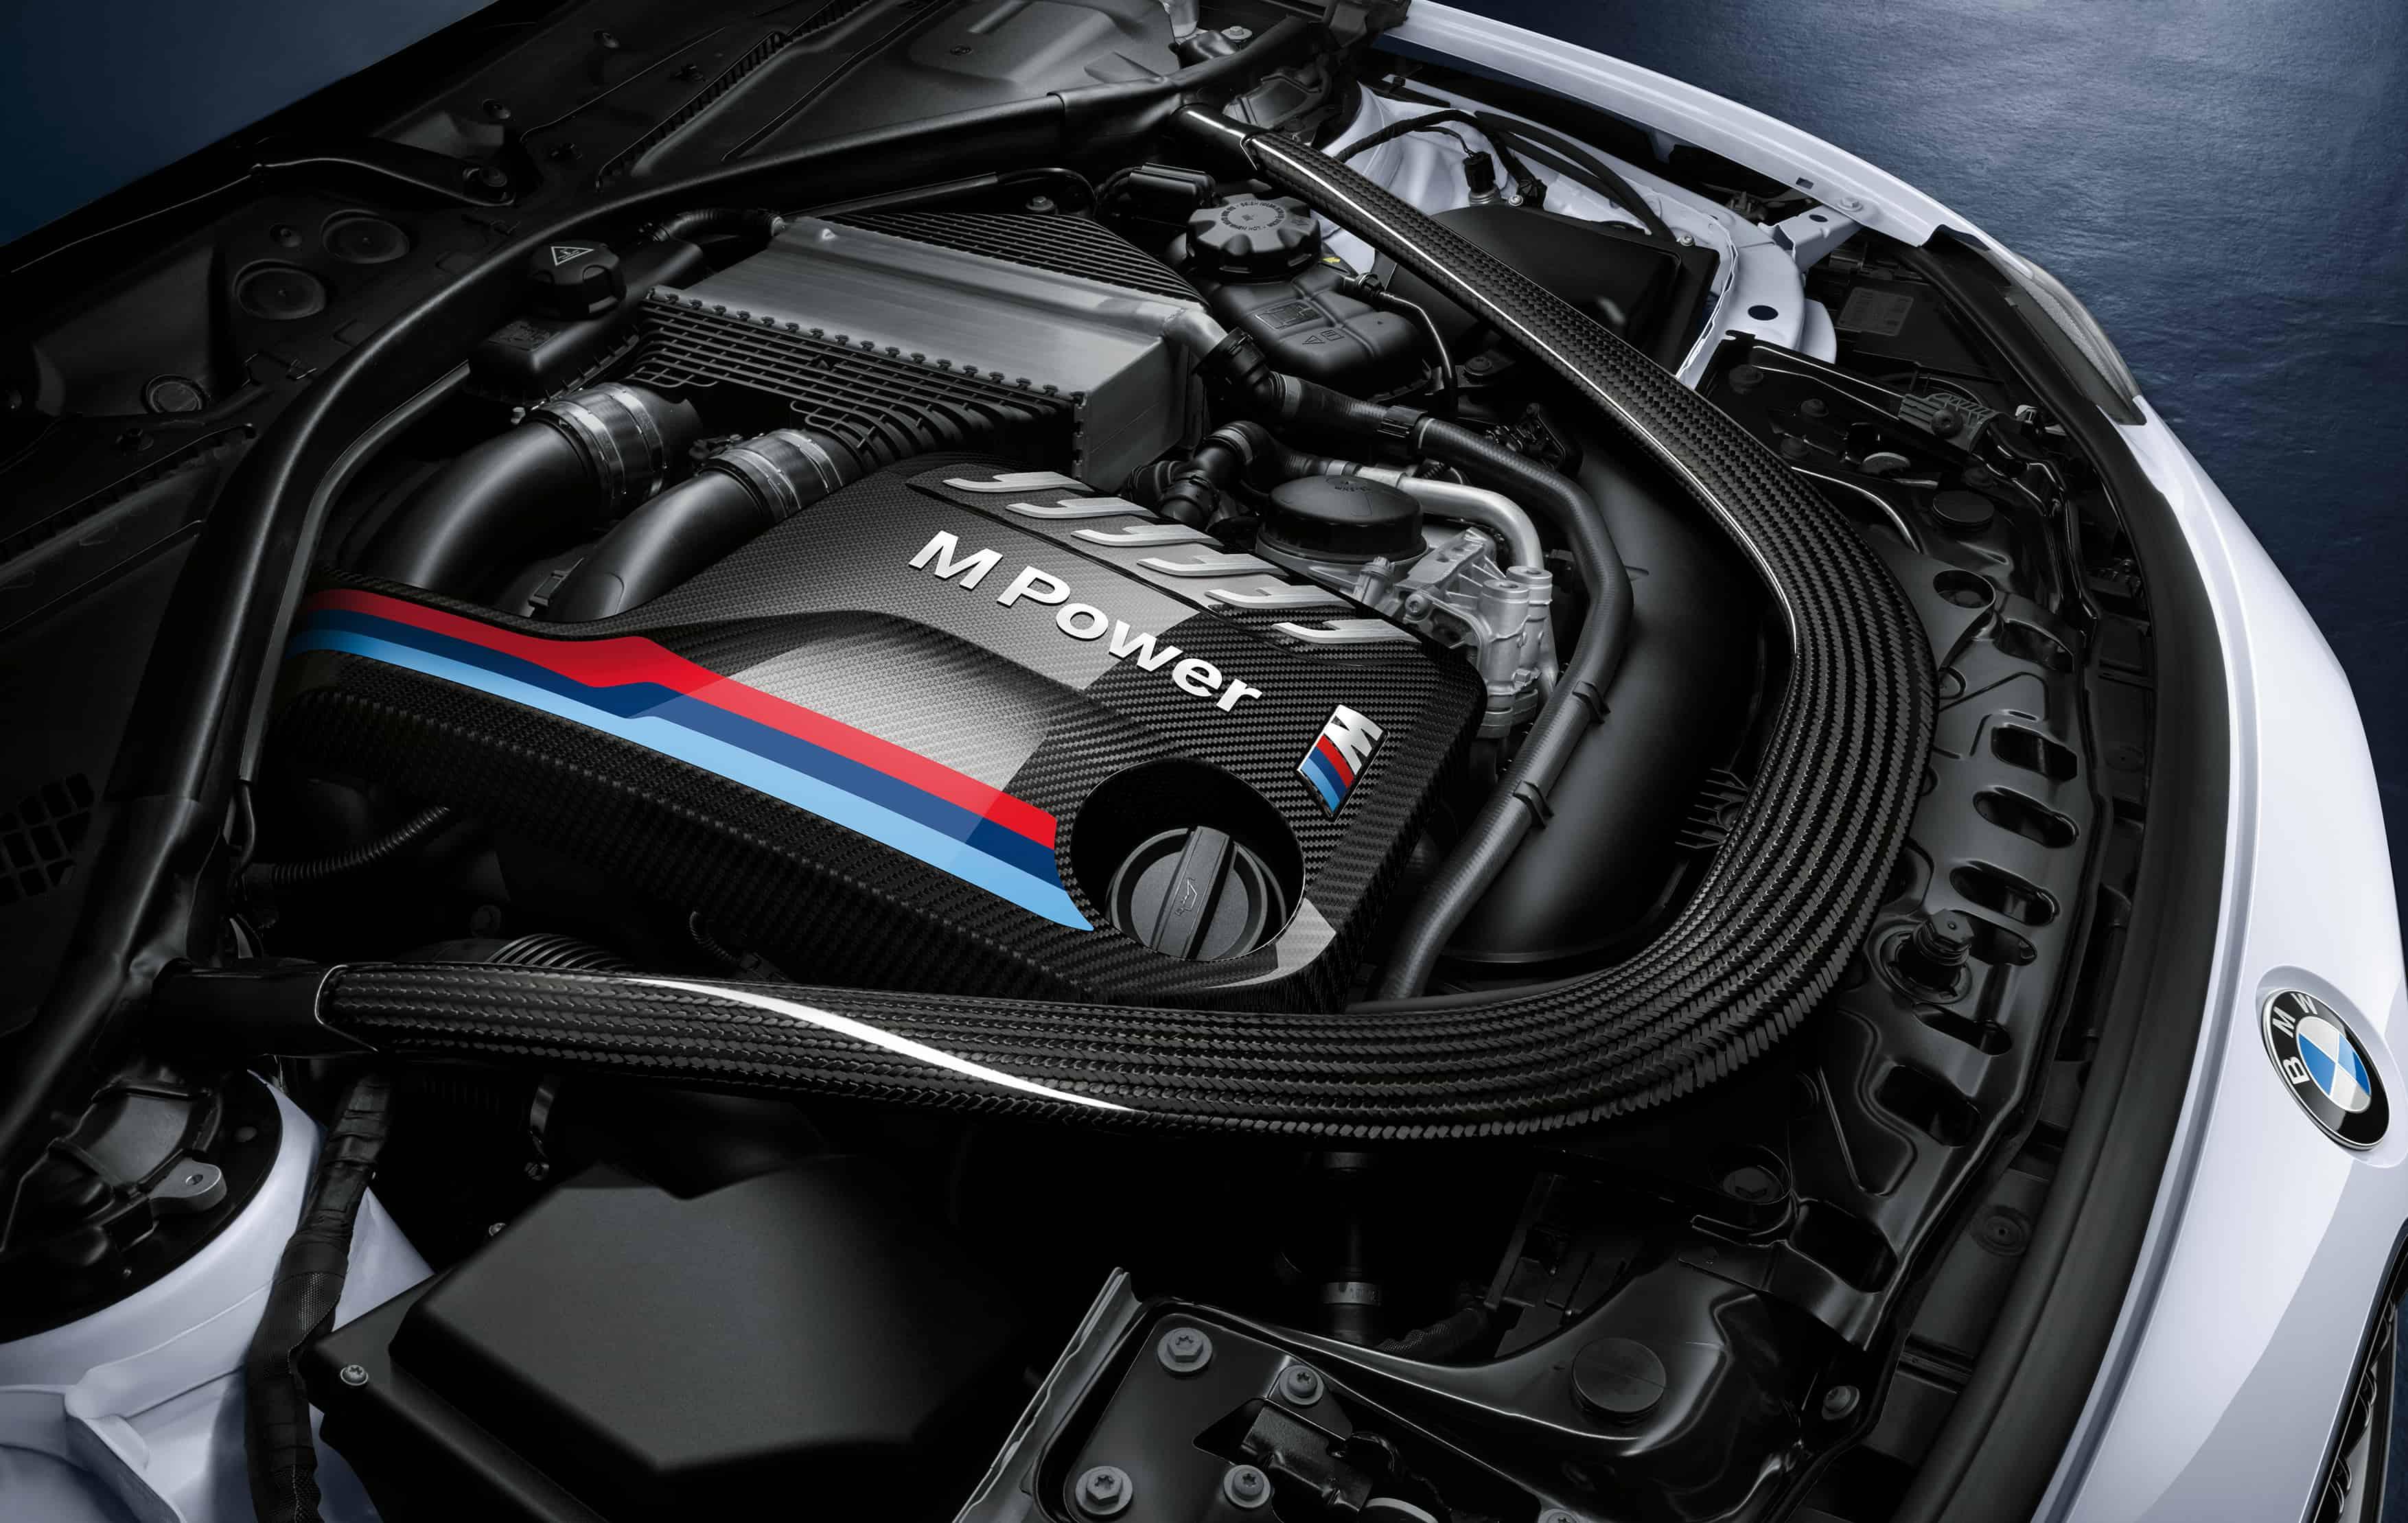 BMW M4 Coupe Performance Zubehör - Carbon Motorabdeckung